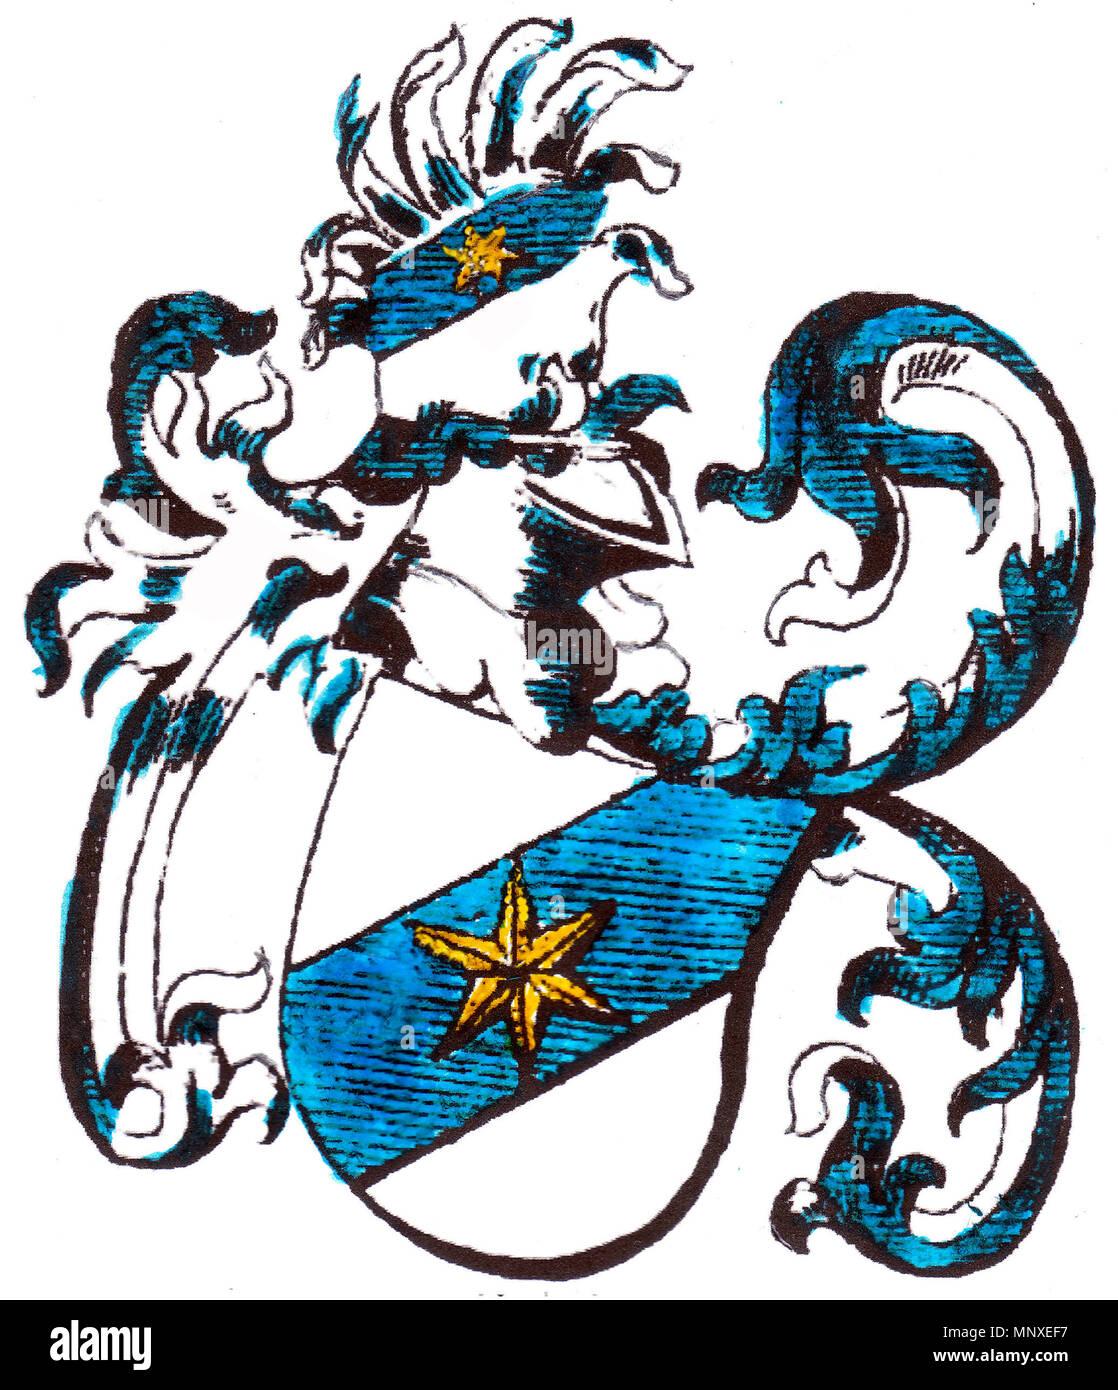 . Deutsch: Stammwappen der Alberti von Enno vor 1537 . before 1537/1859 (book). Siebmacher (?) 1140 Stammwappen der Alberti von Enno vor 1537 - Stock Image